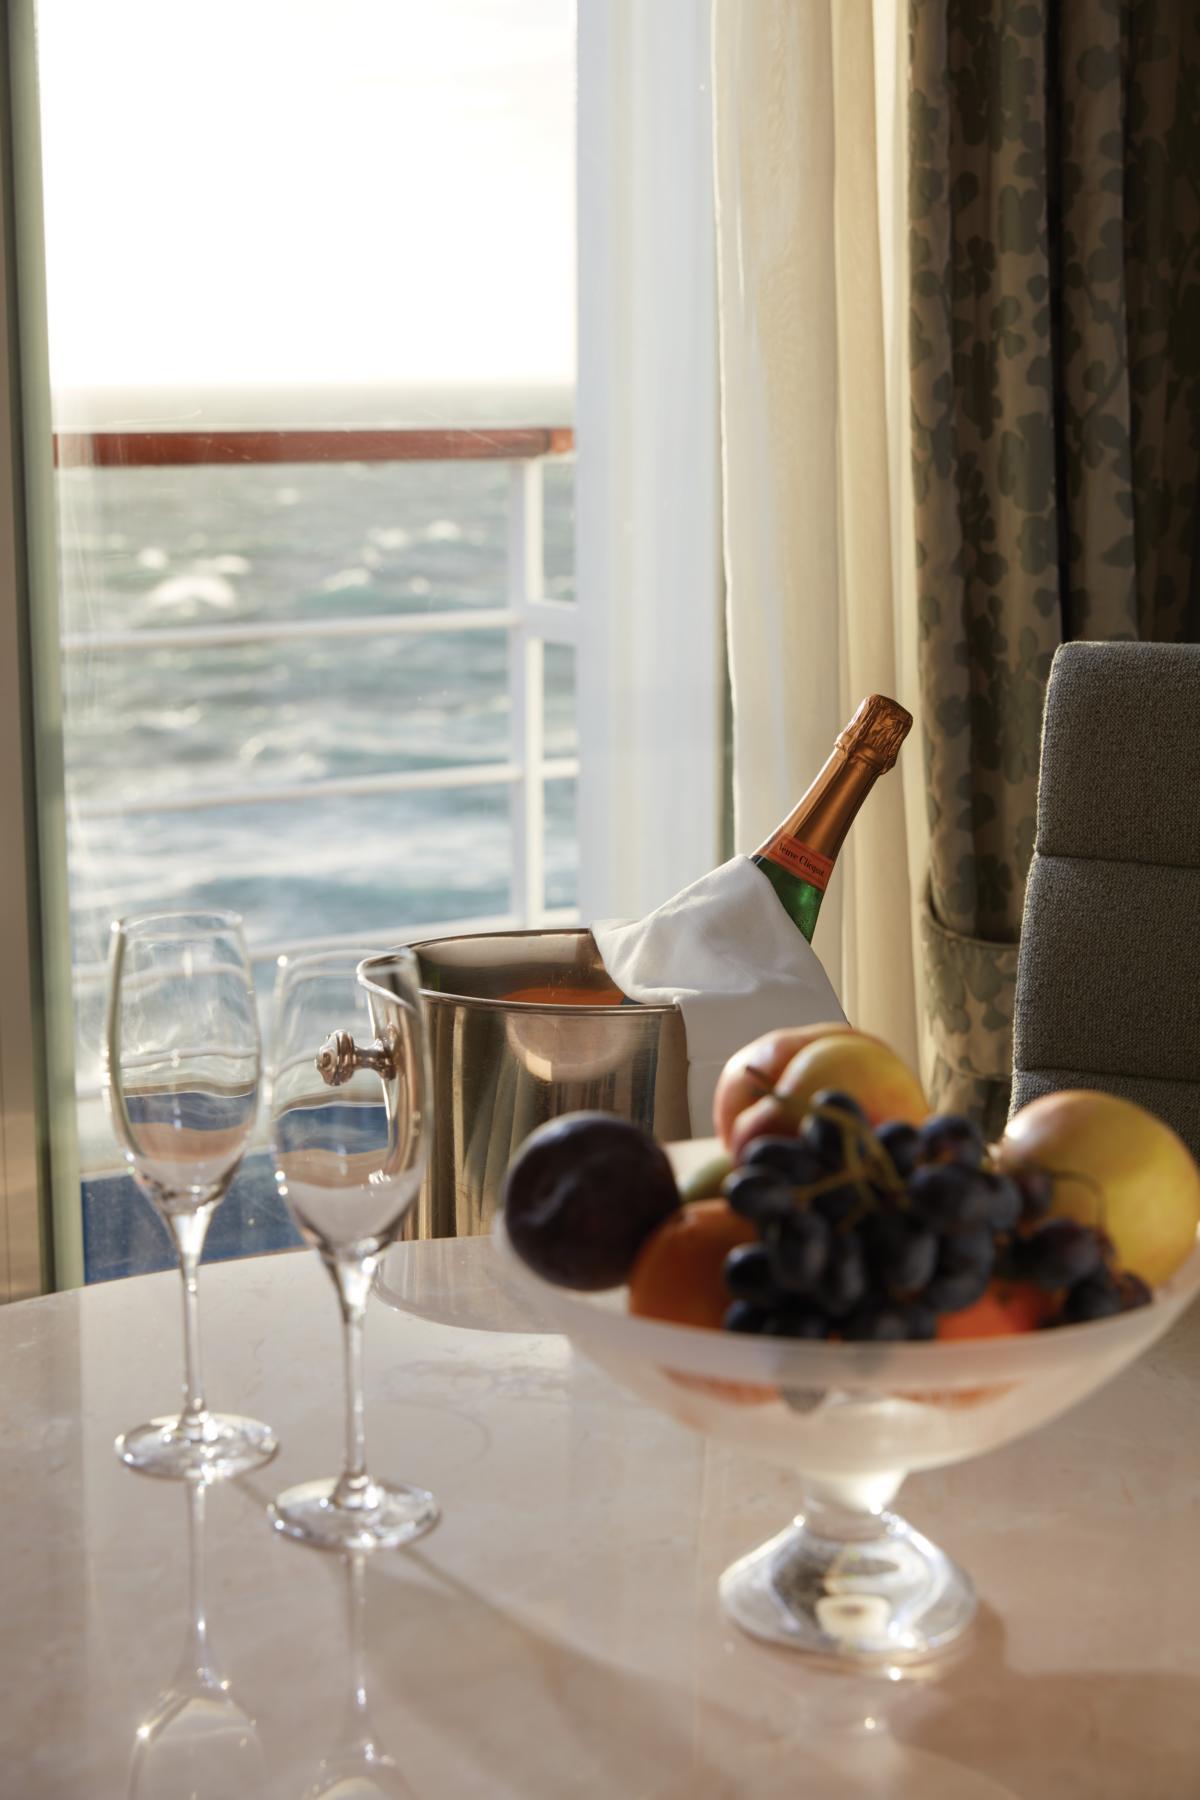 Tisch mit Obstschale und Wein auf der Regent Seven Seas Voyager